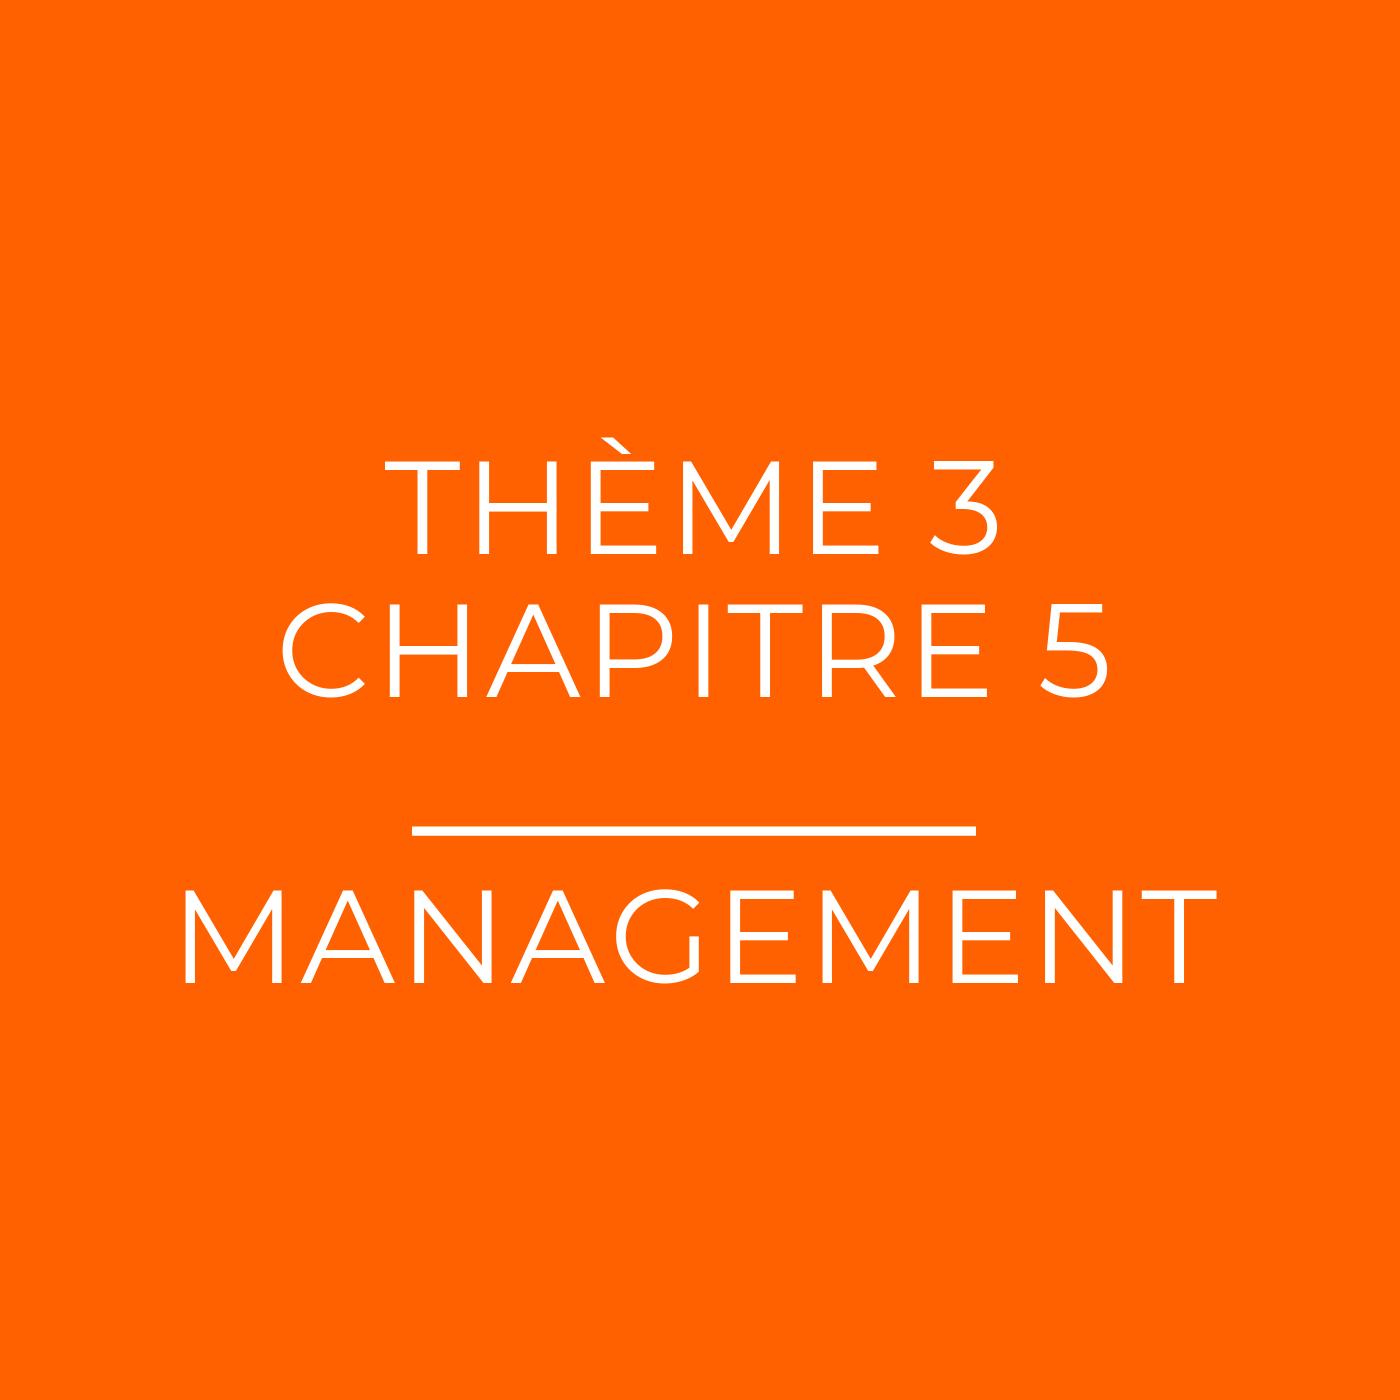 Les différents niveaux de management